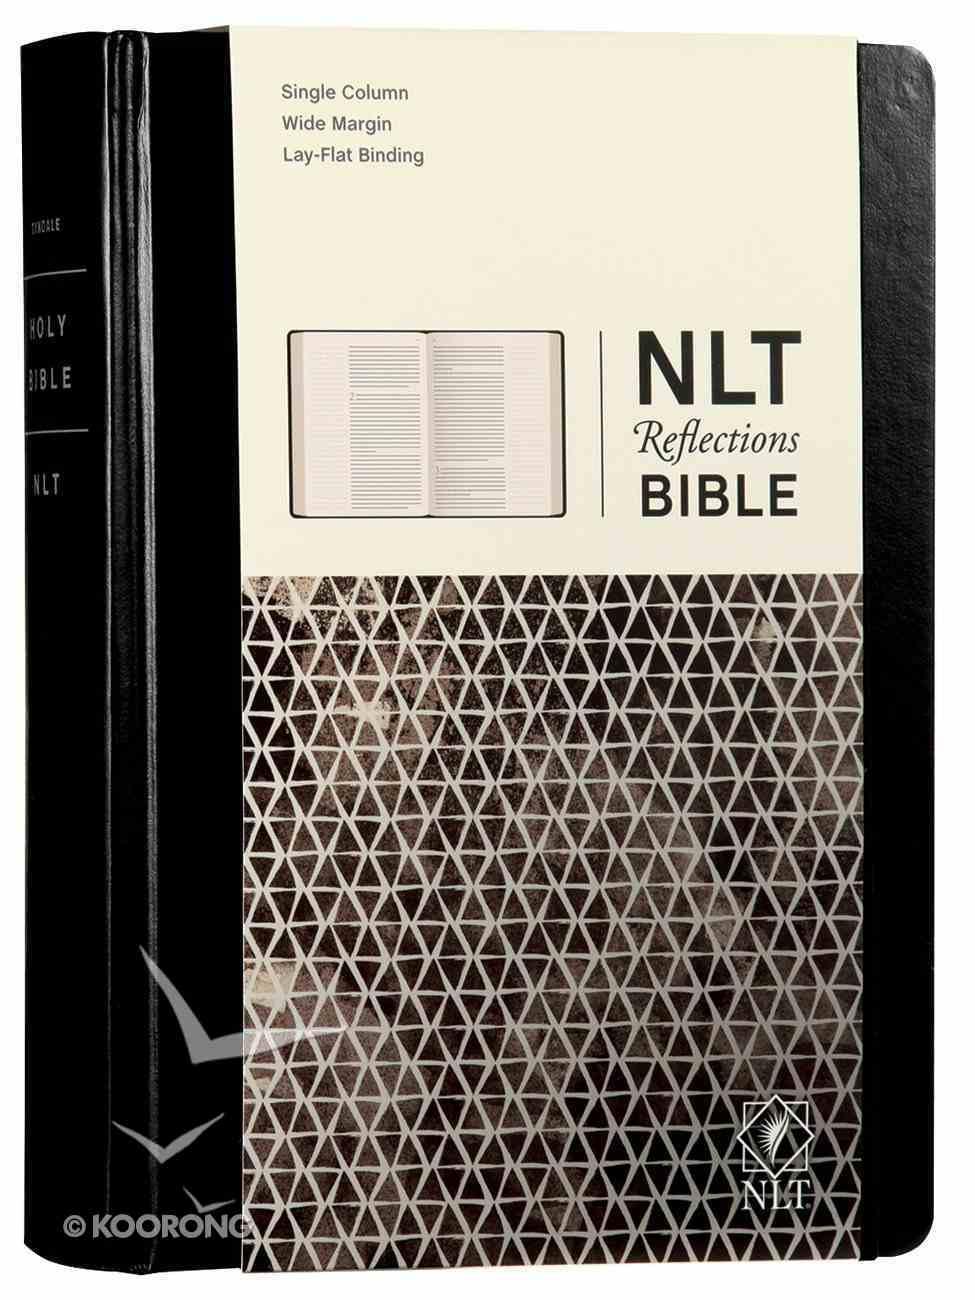 NLT Reflections Bible Sketchbook Black (Black Letter Edition) Imitation Leather Over Hardback